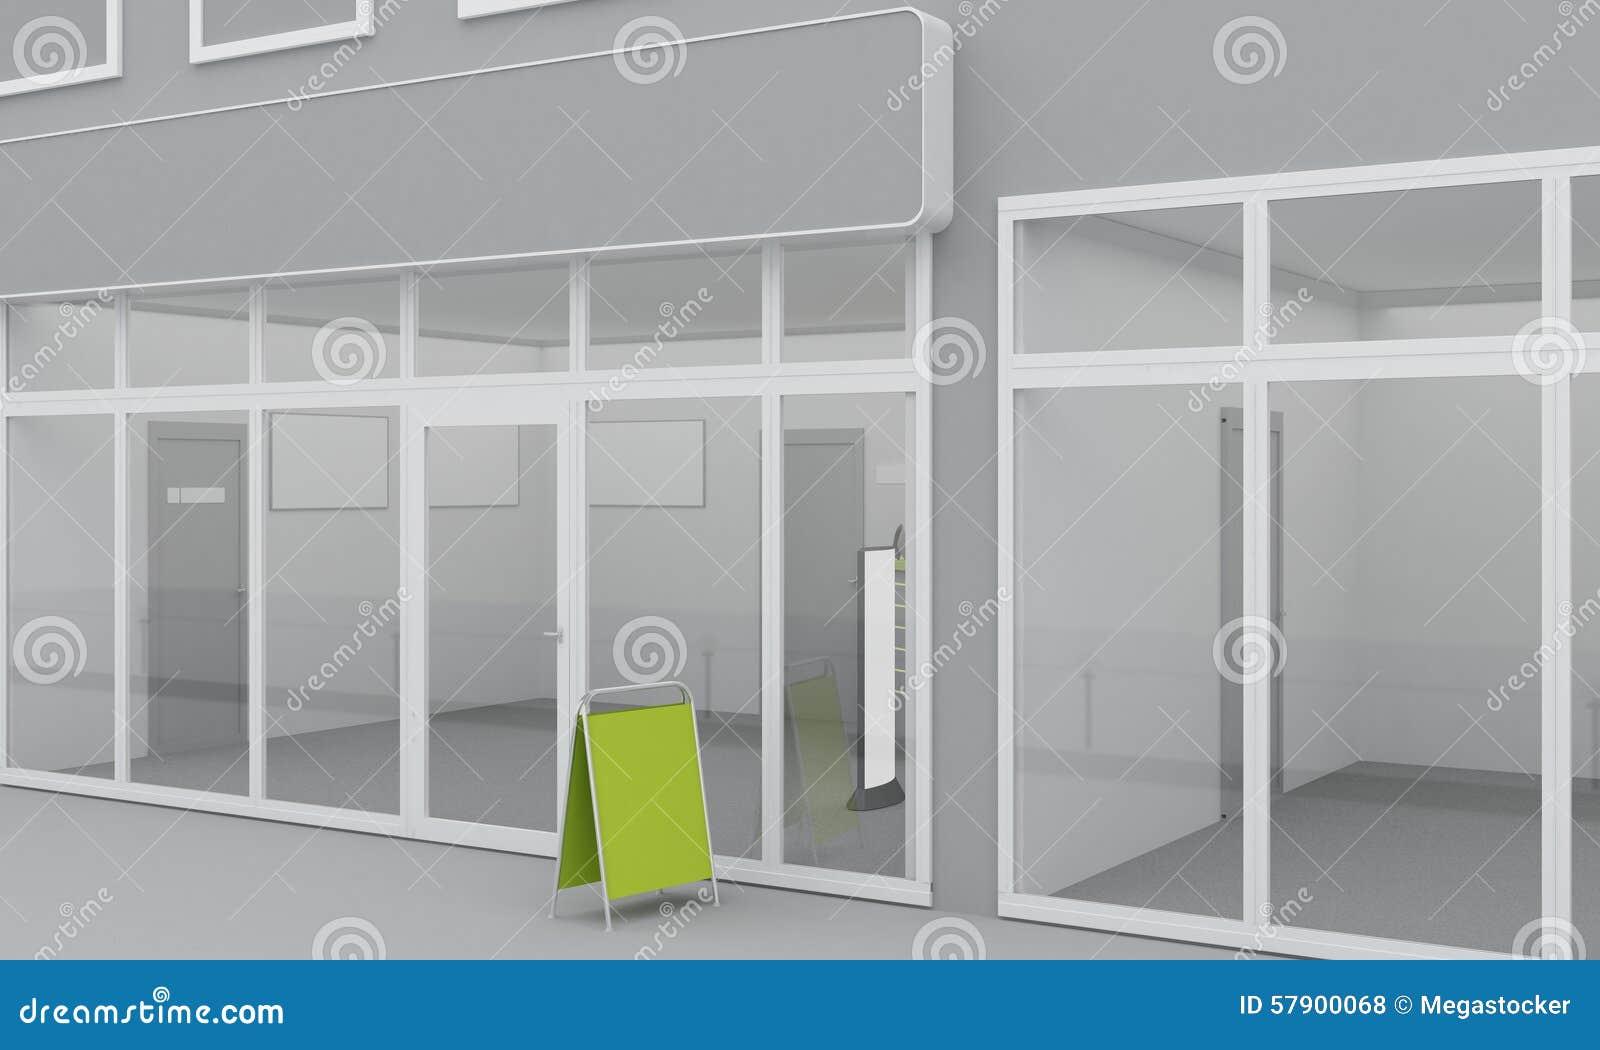 Illustrazione Della Facciata Dell 39 Ufficio O Del Negozio